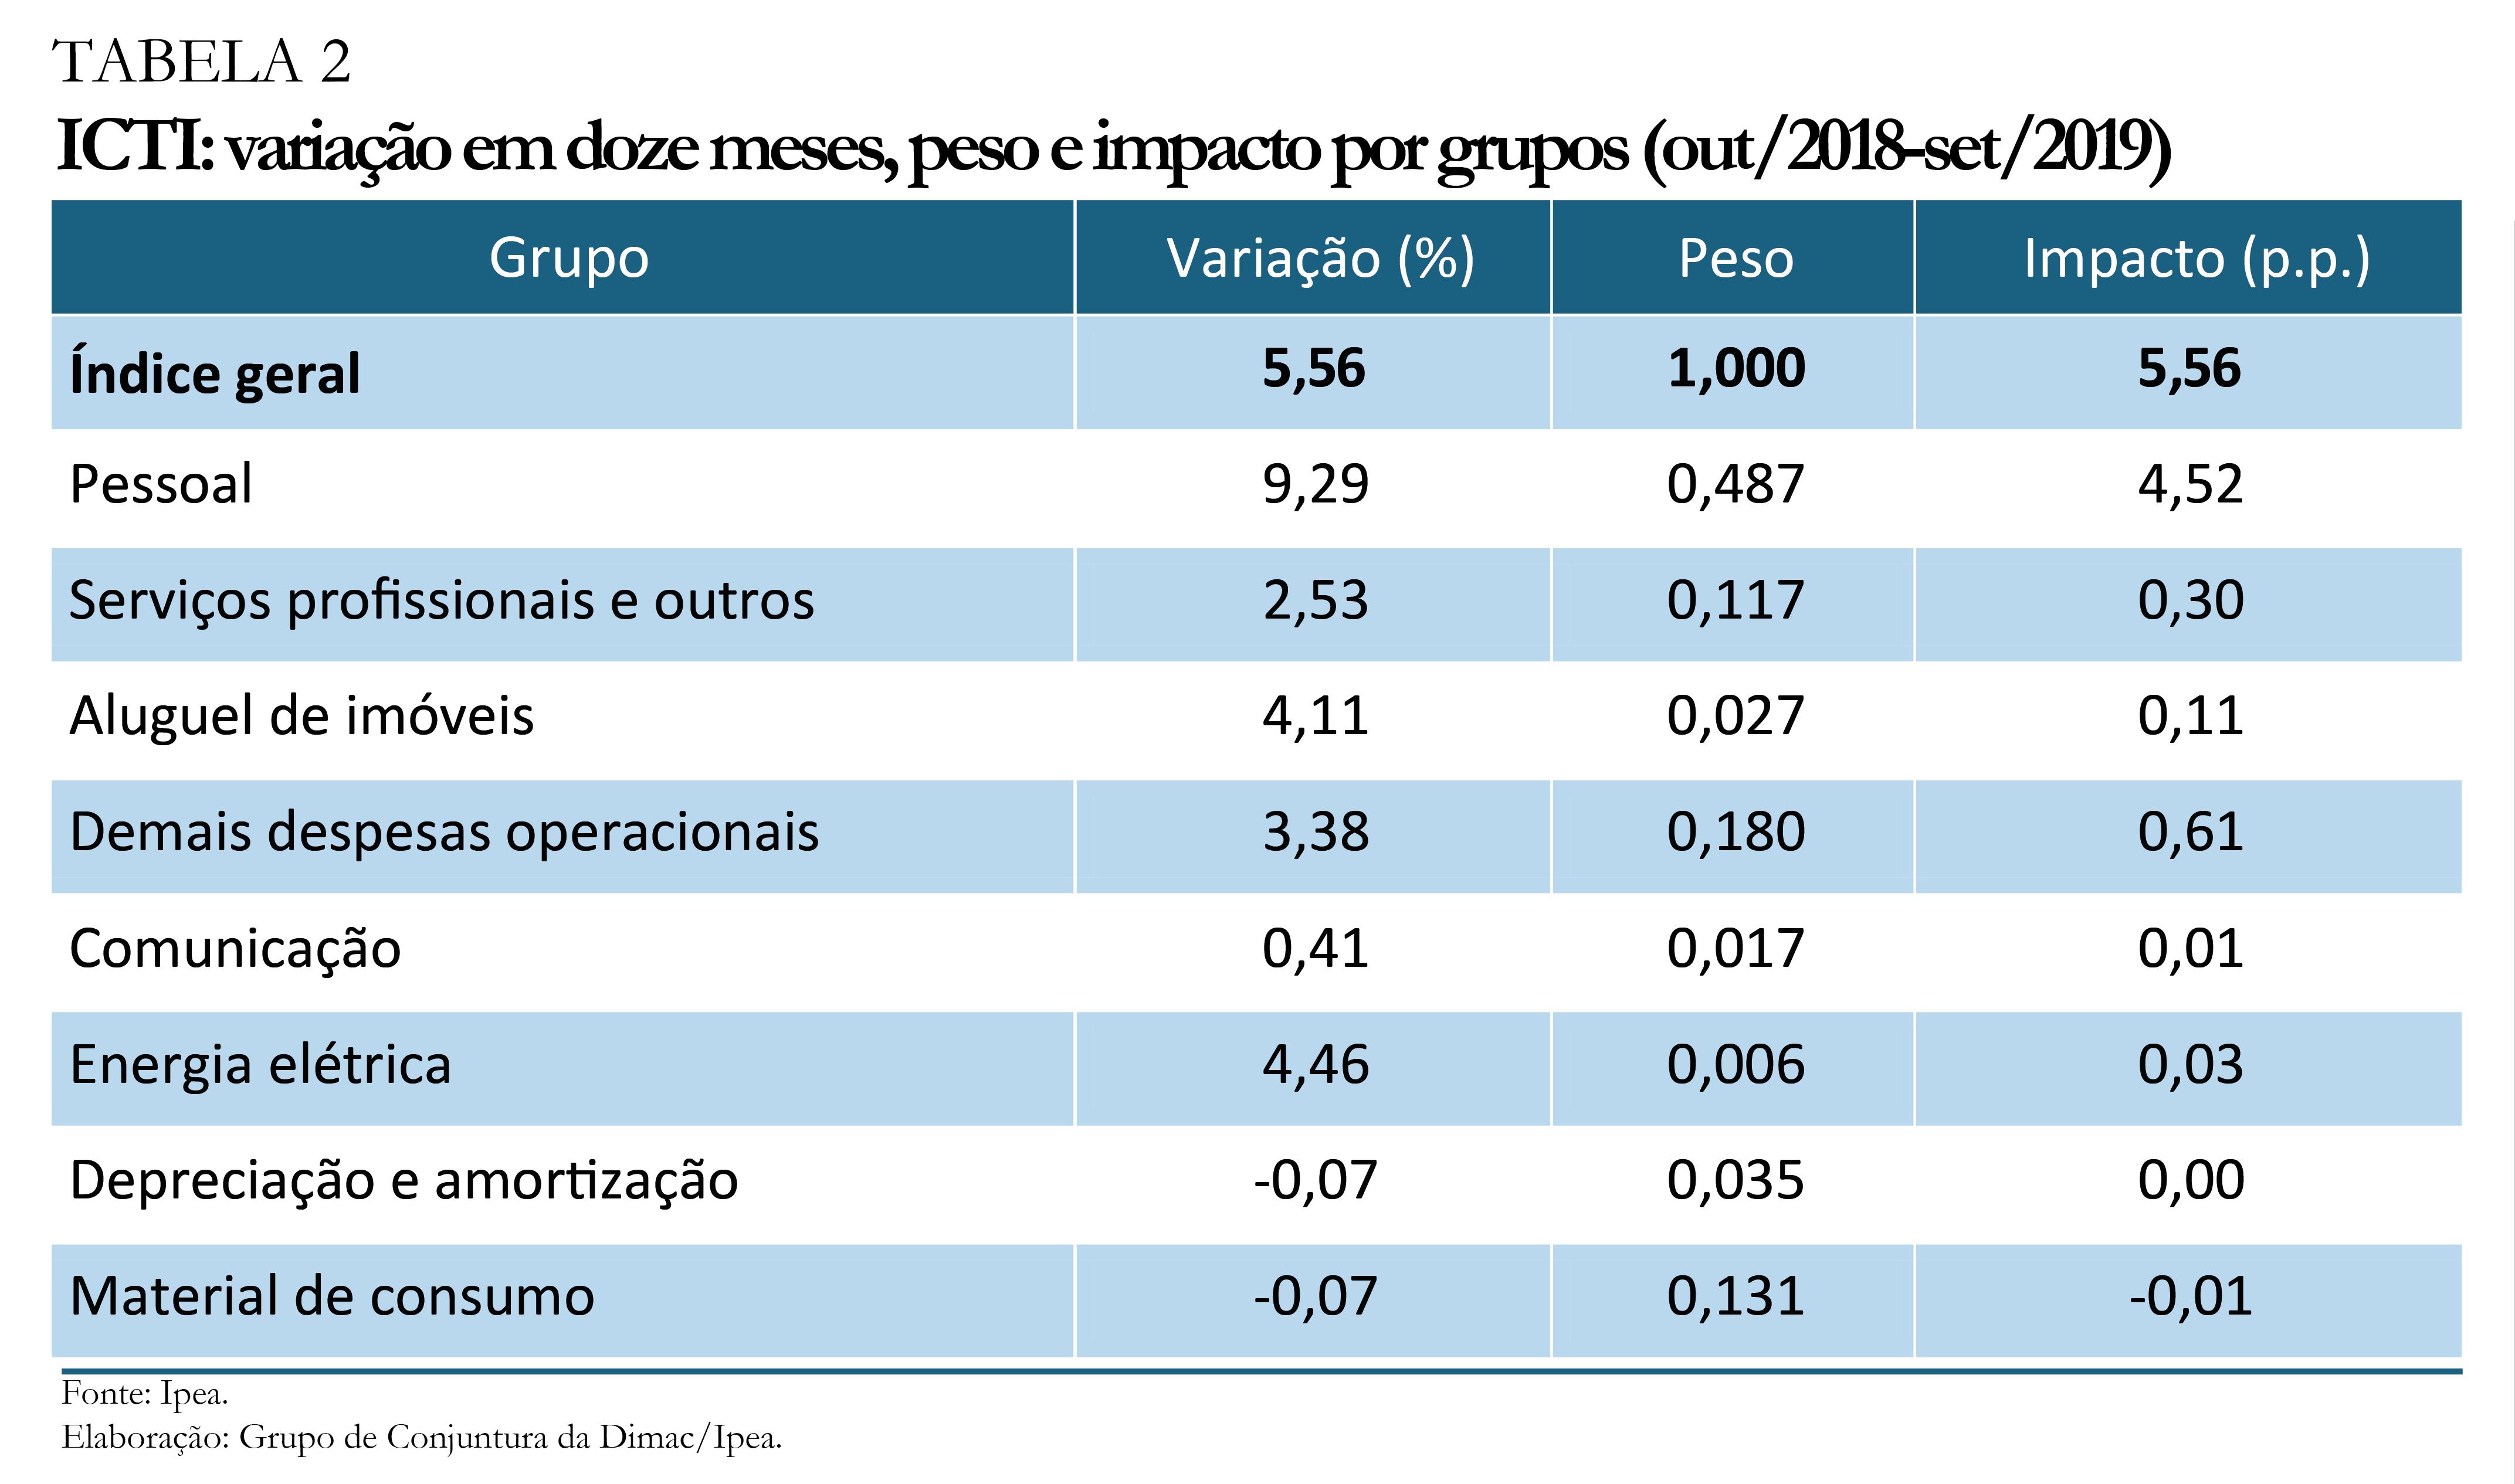 191202_ICTI_variacao_em_doze_meses_peso_e_impacto_por_grupos_set_2019